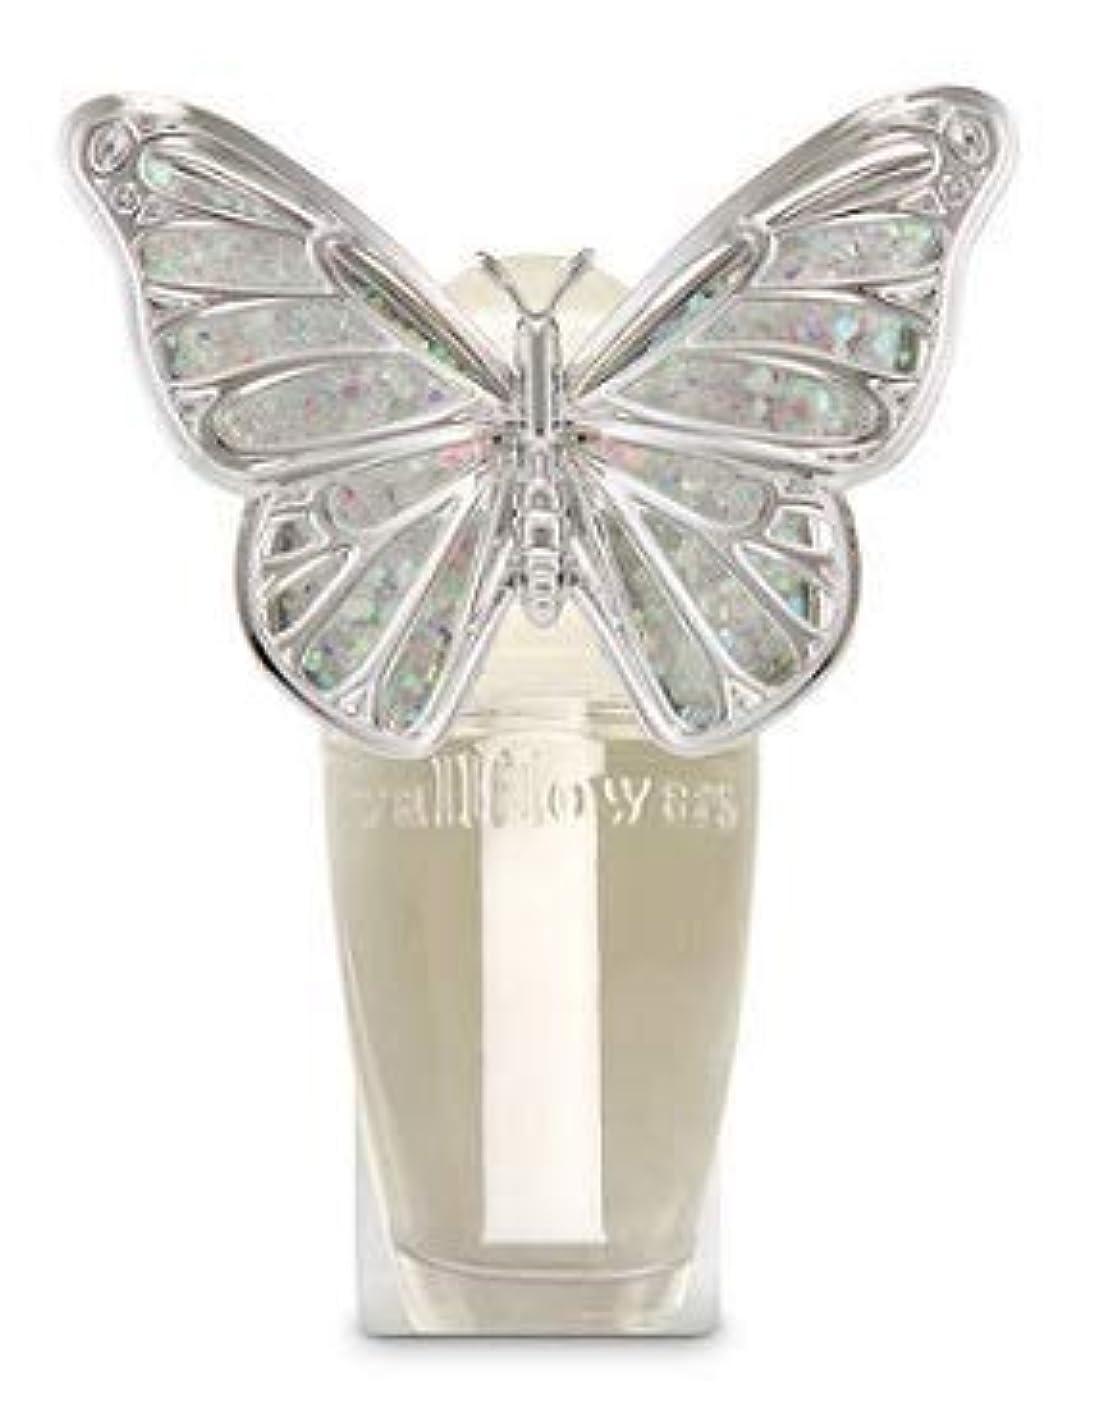 色合い不確実抗生物質【Bath&Body Works/バス&ボディワークス】 ルームフレグランス プラグインスターター (本体のみ) スプリングバタフライ ナイトライト Wallflowers Fragrance Plug Spring butterfly Night Light [並行輸入品]